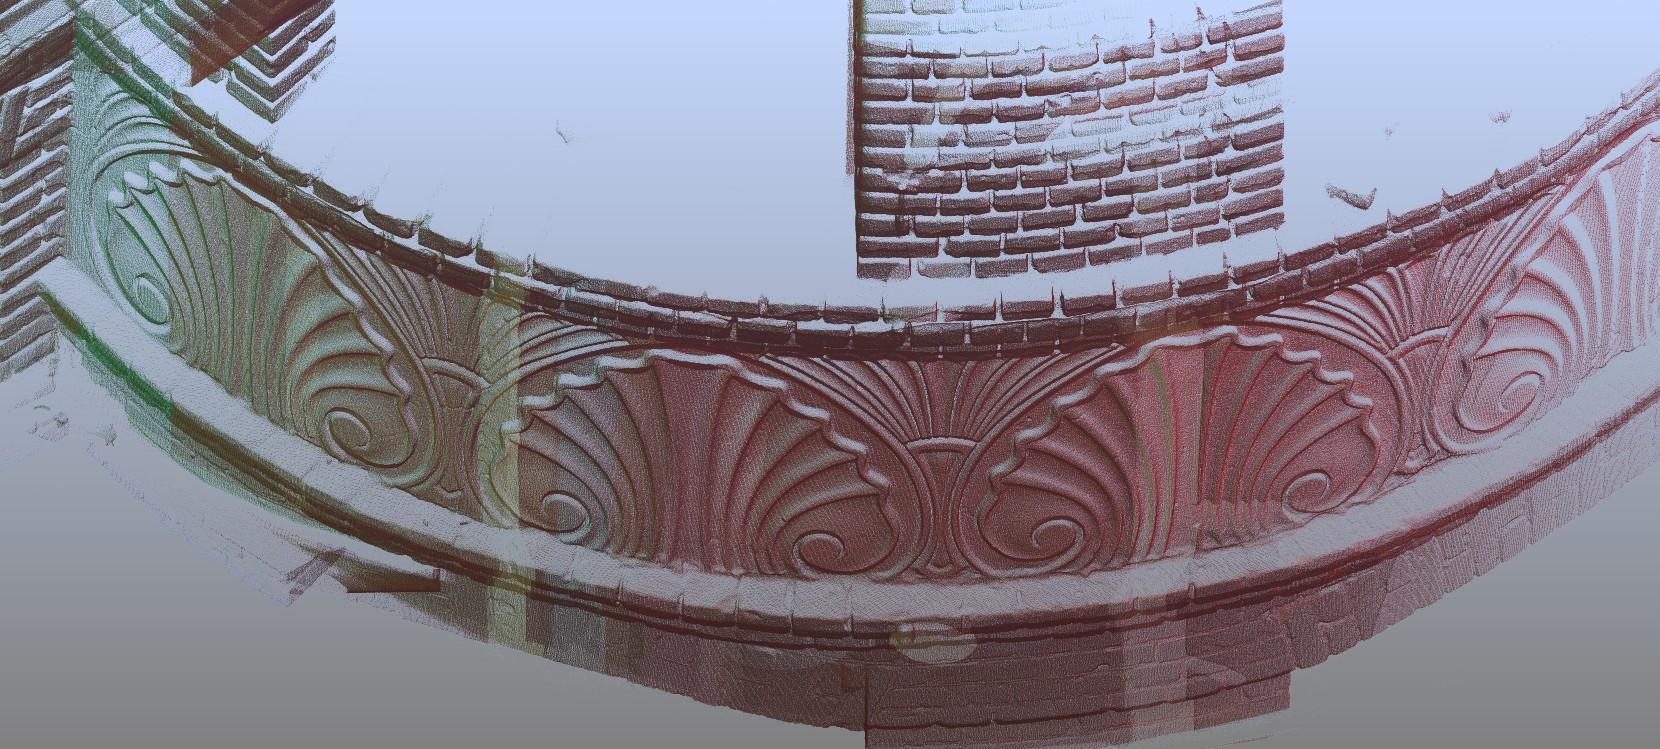 3D laser scan brickwork5.jpg